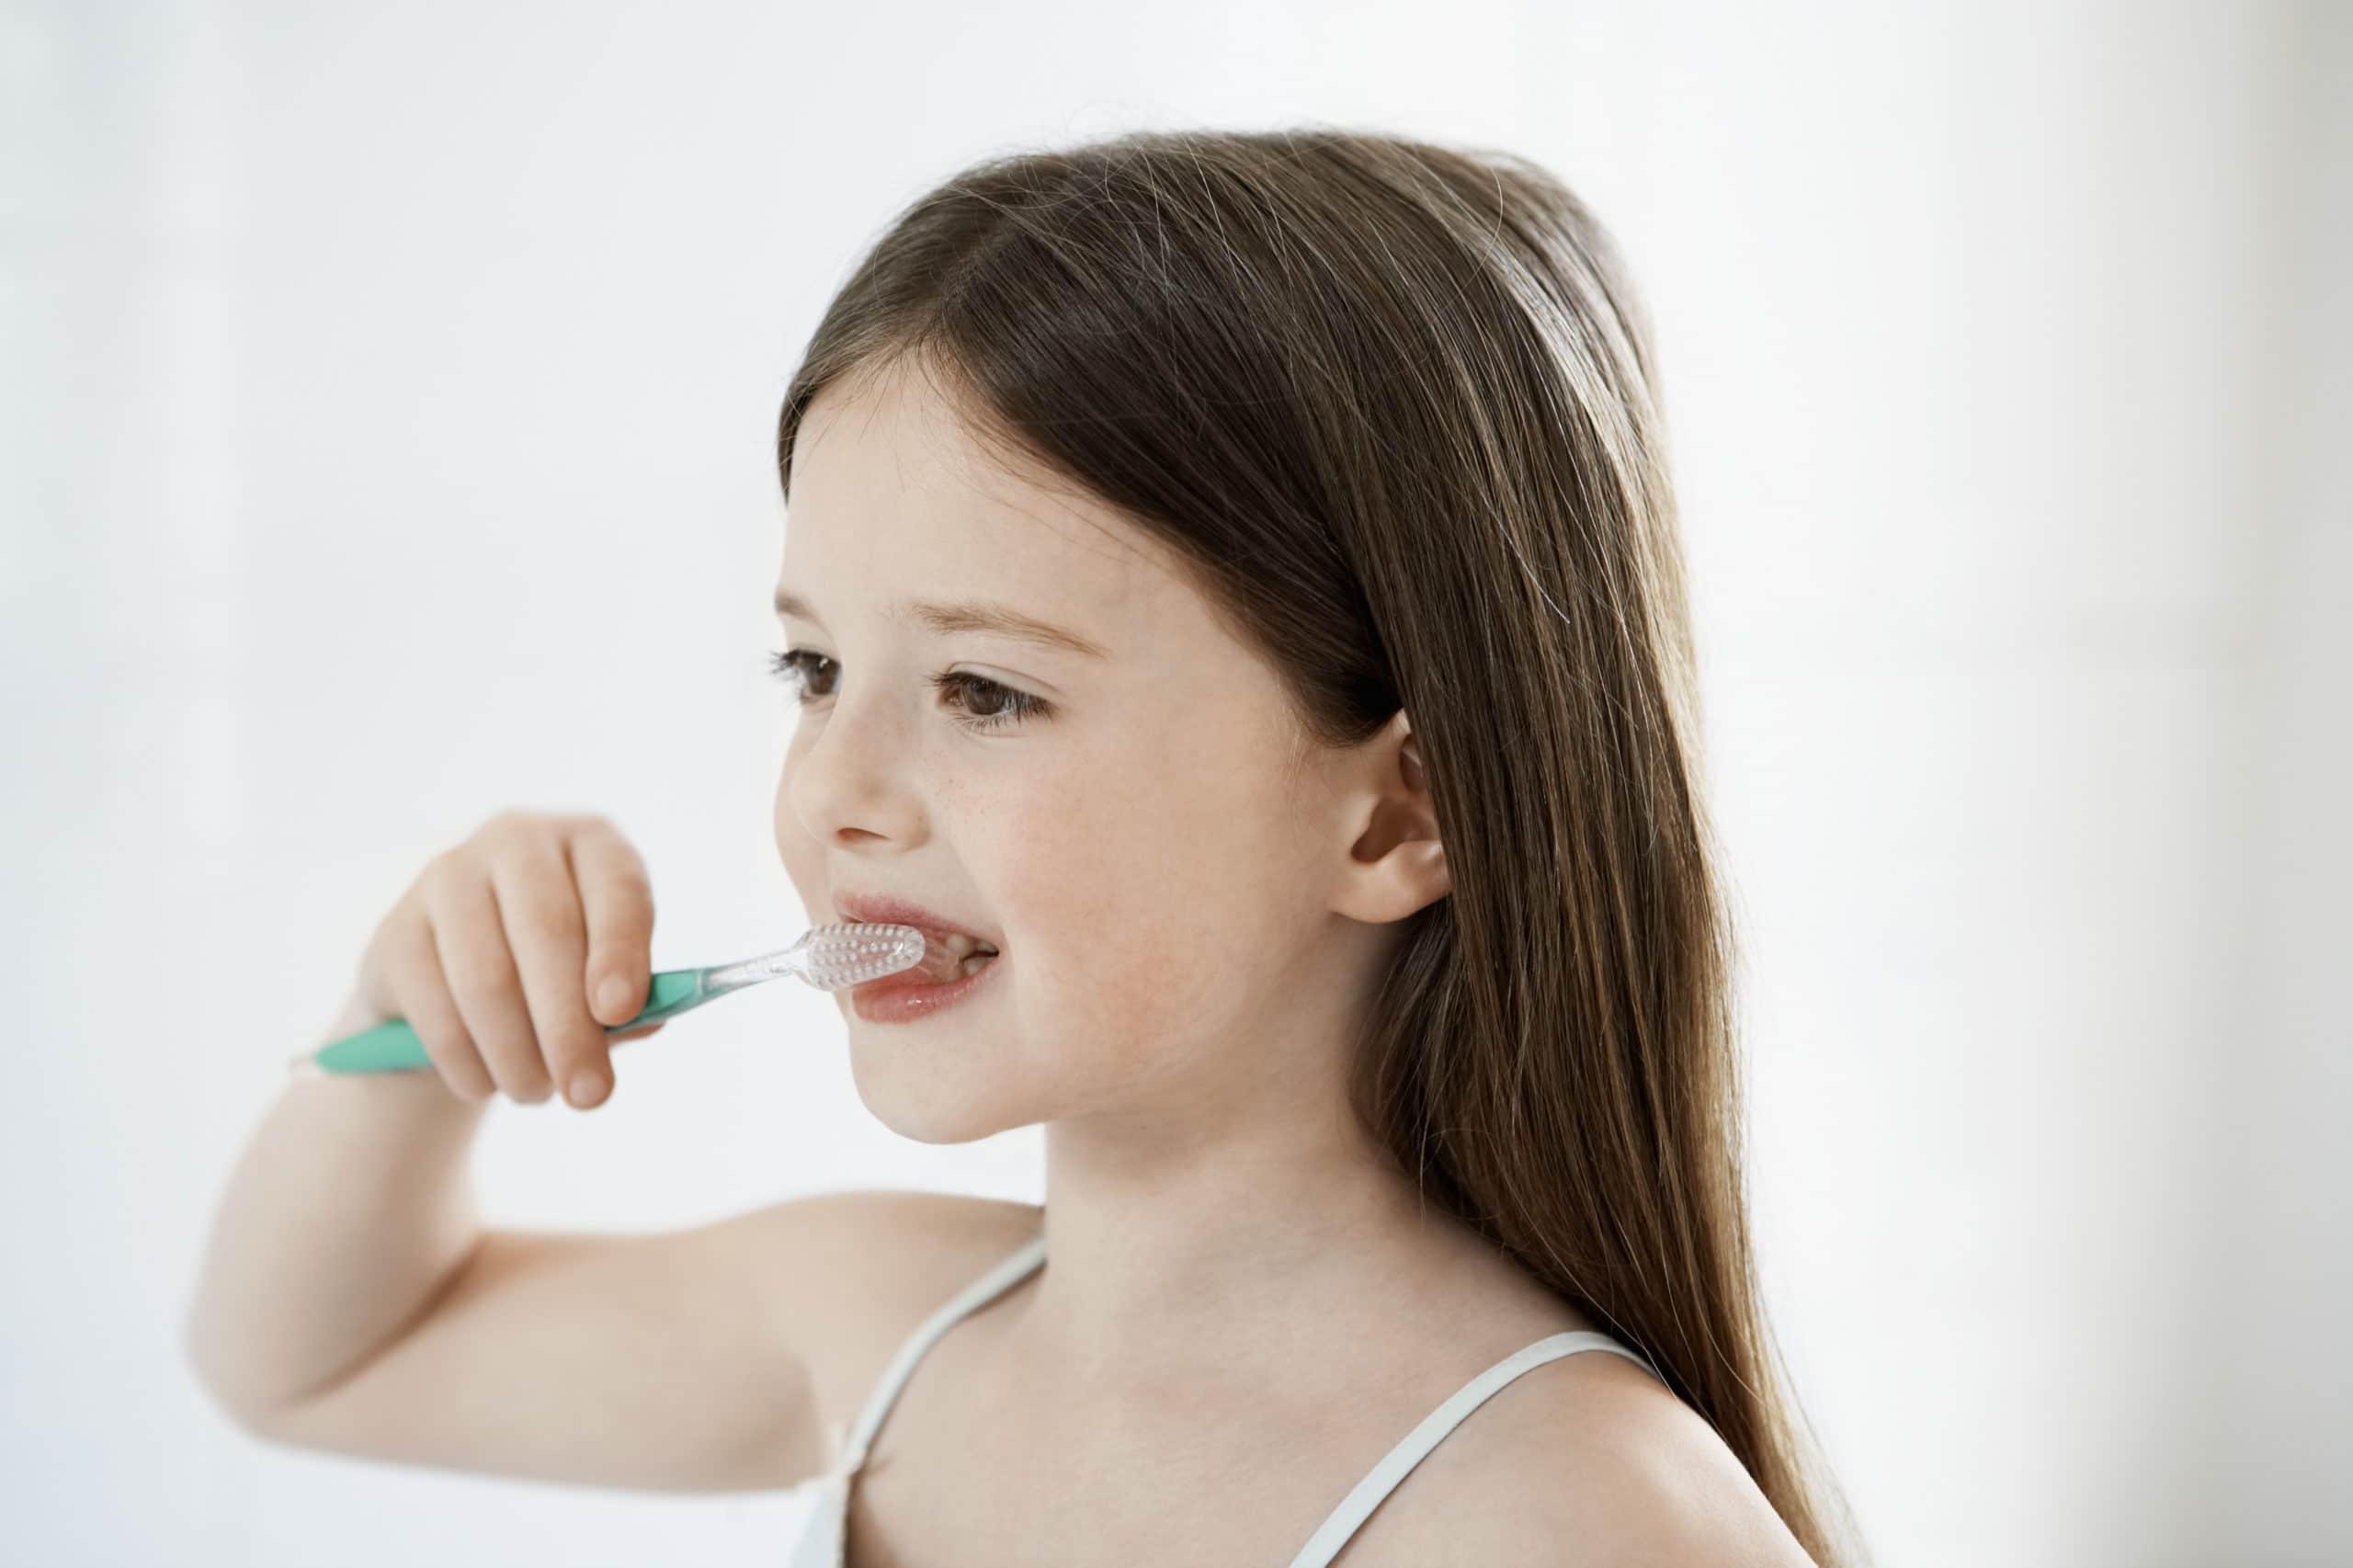 higiena jamy ustnej 3latka